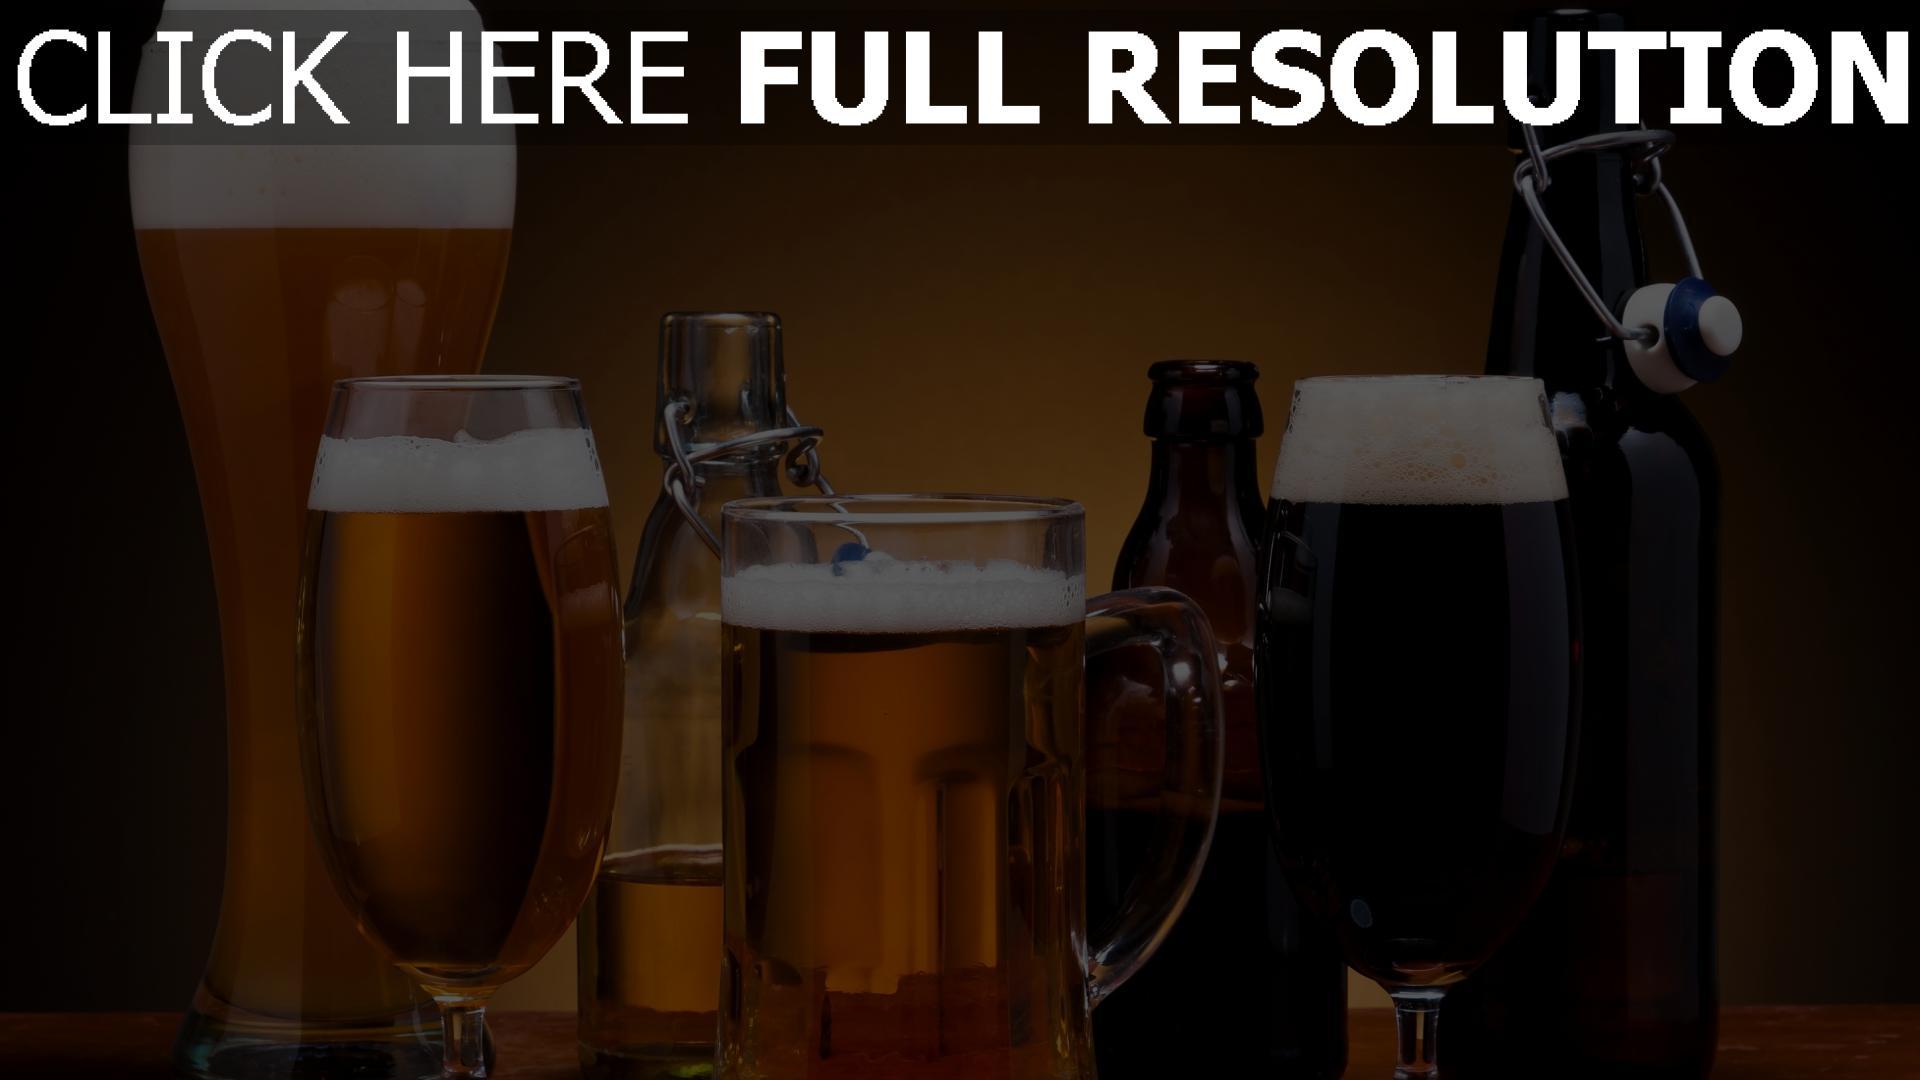 fond d'écran 1920x1080 bière verre bouteille